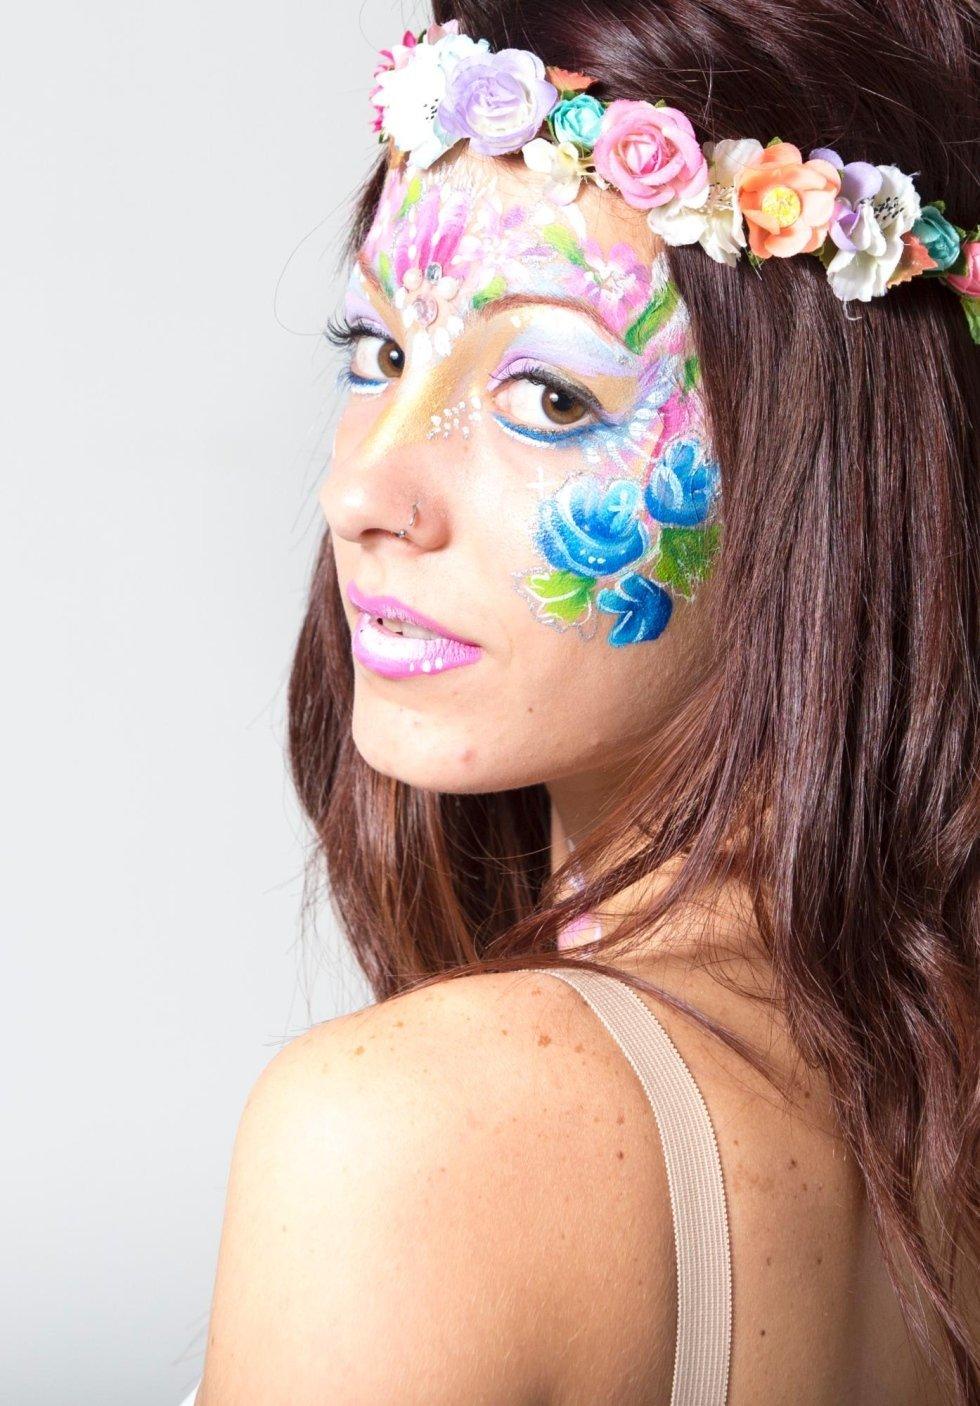 Modella con fiori dipinti sul viso e corona di fiori in testa